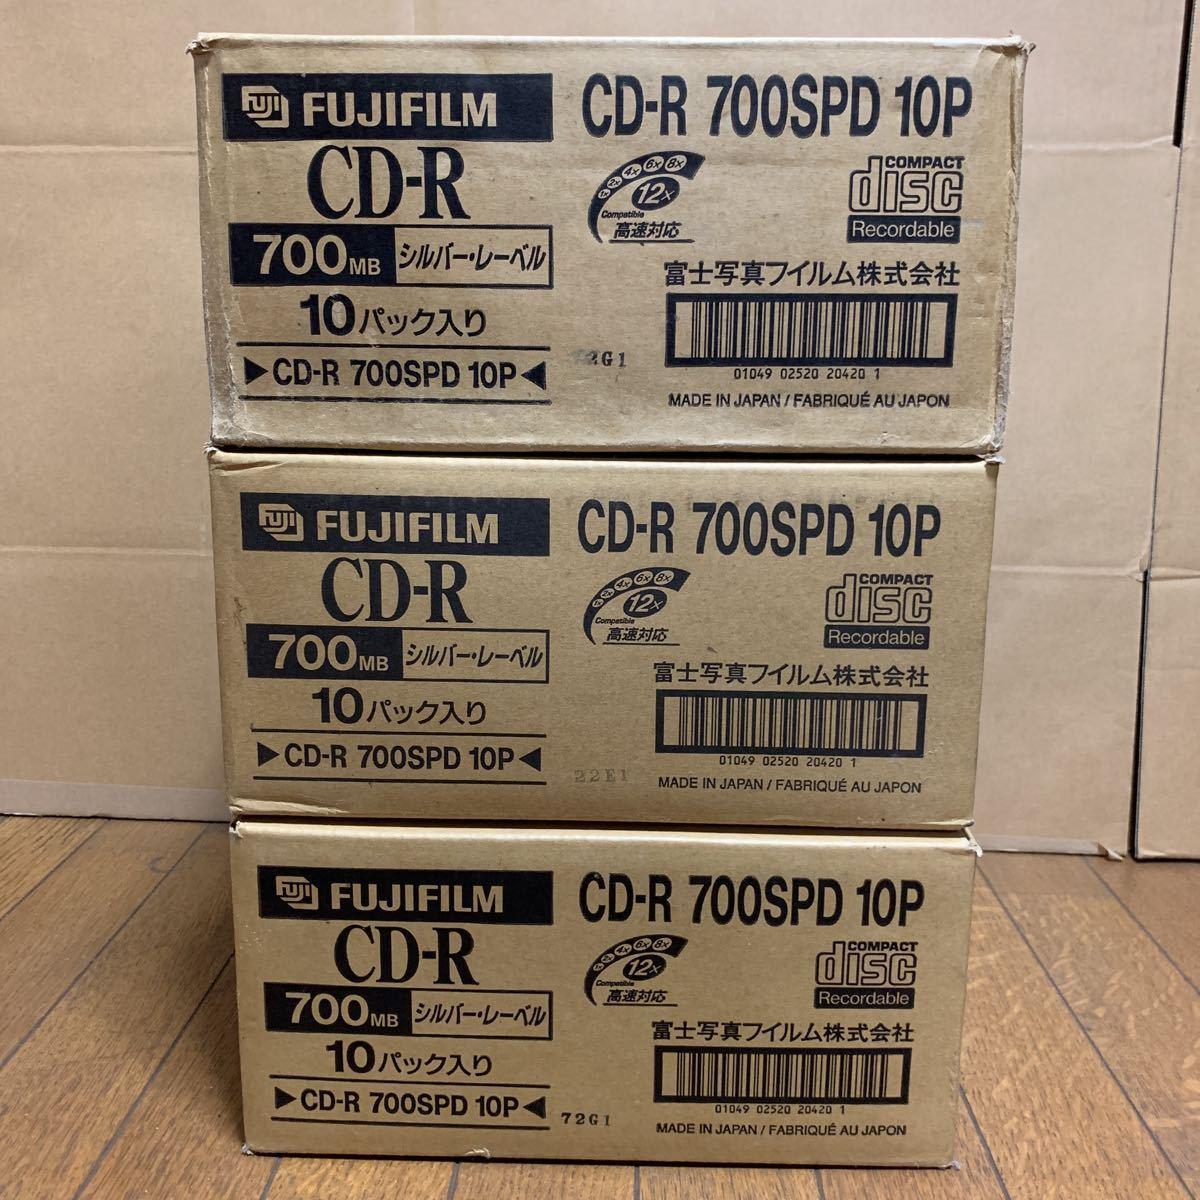 【未使用】FUJIFILM 富士フイルム CD-R 700SPD 10P 700MB シルバーレーベル 10パック入り×2箱 9パック入り×1箱 全29パックセット_画像2